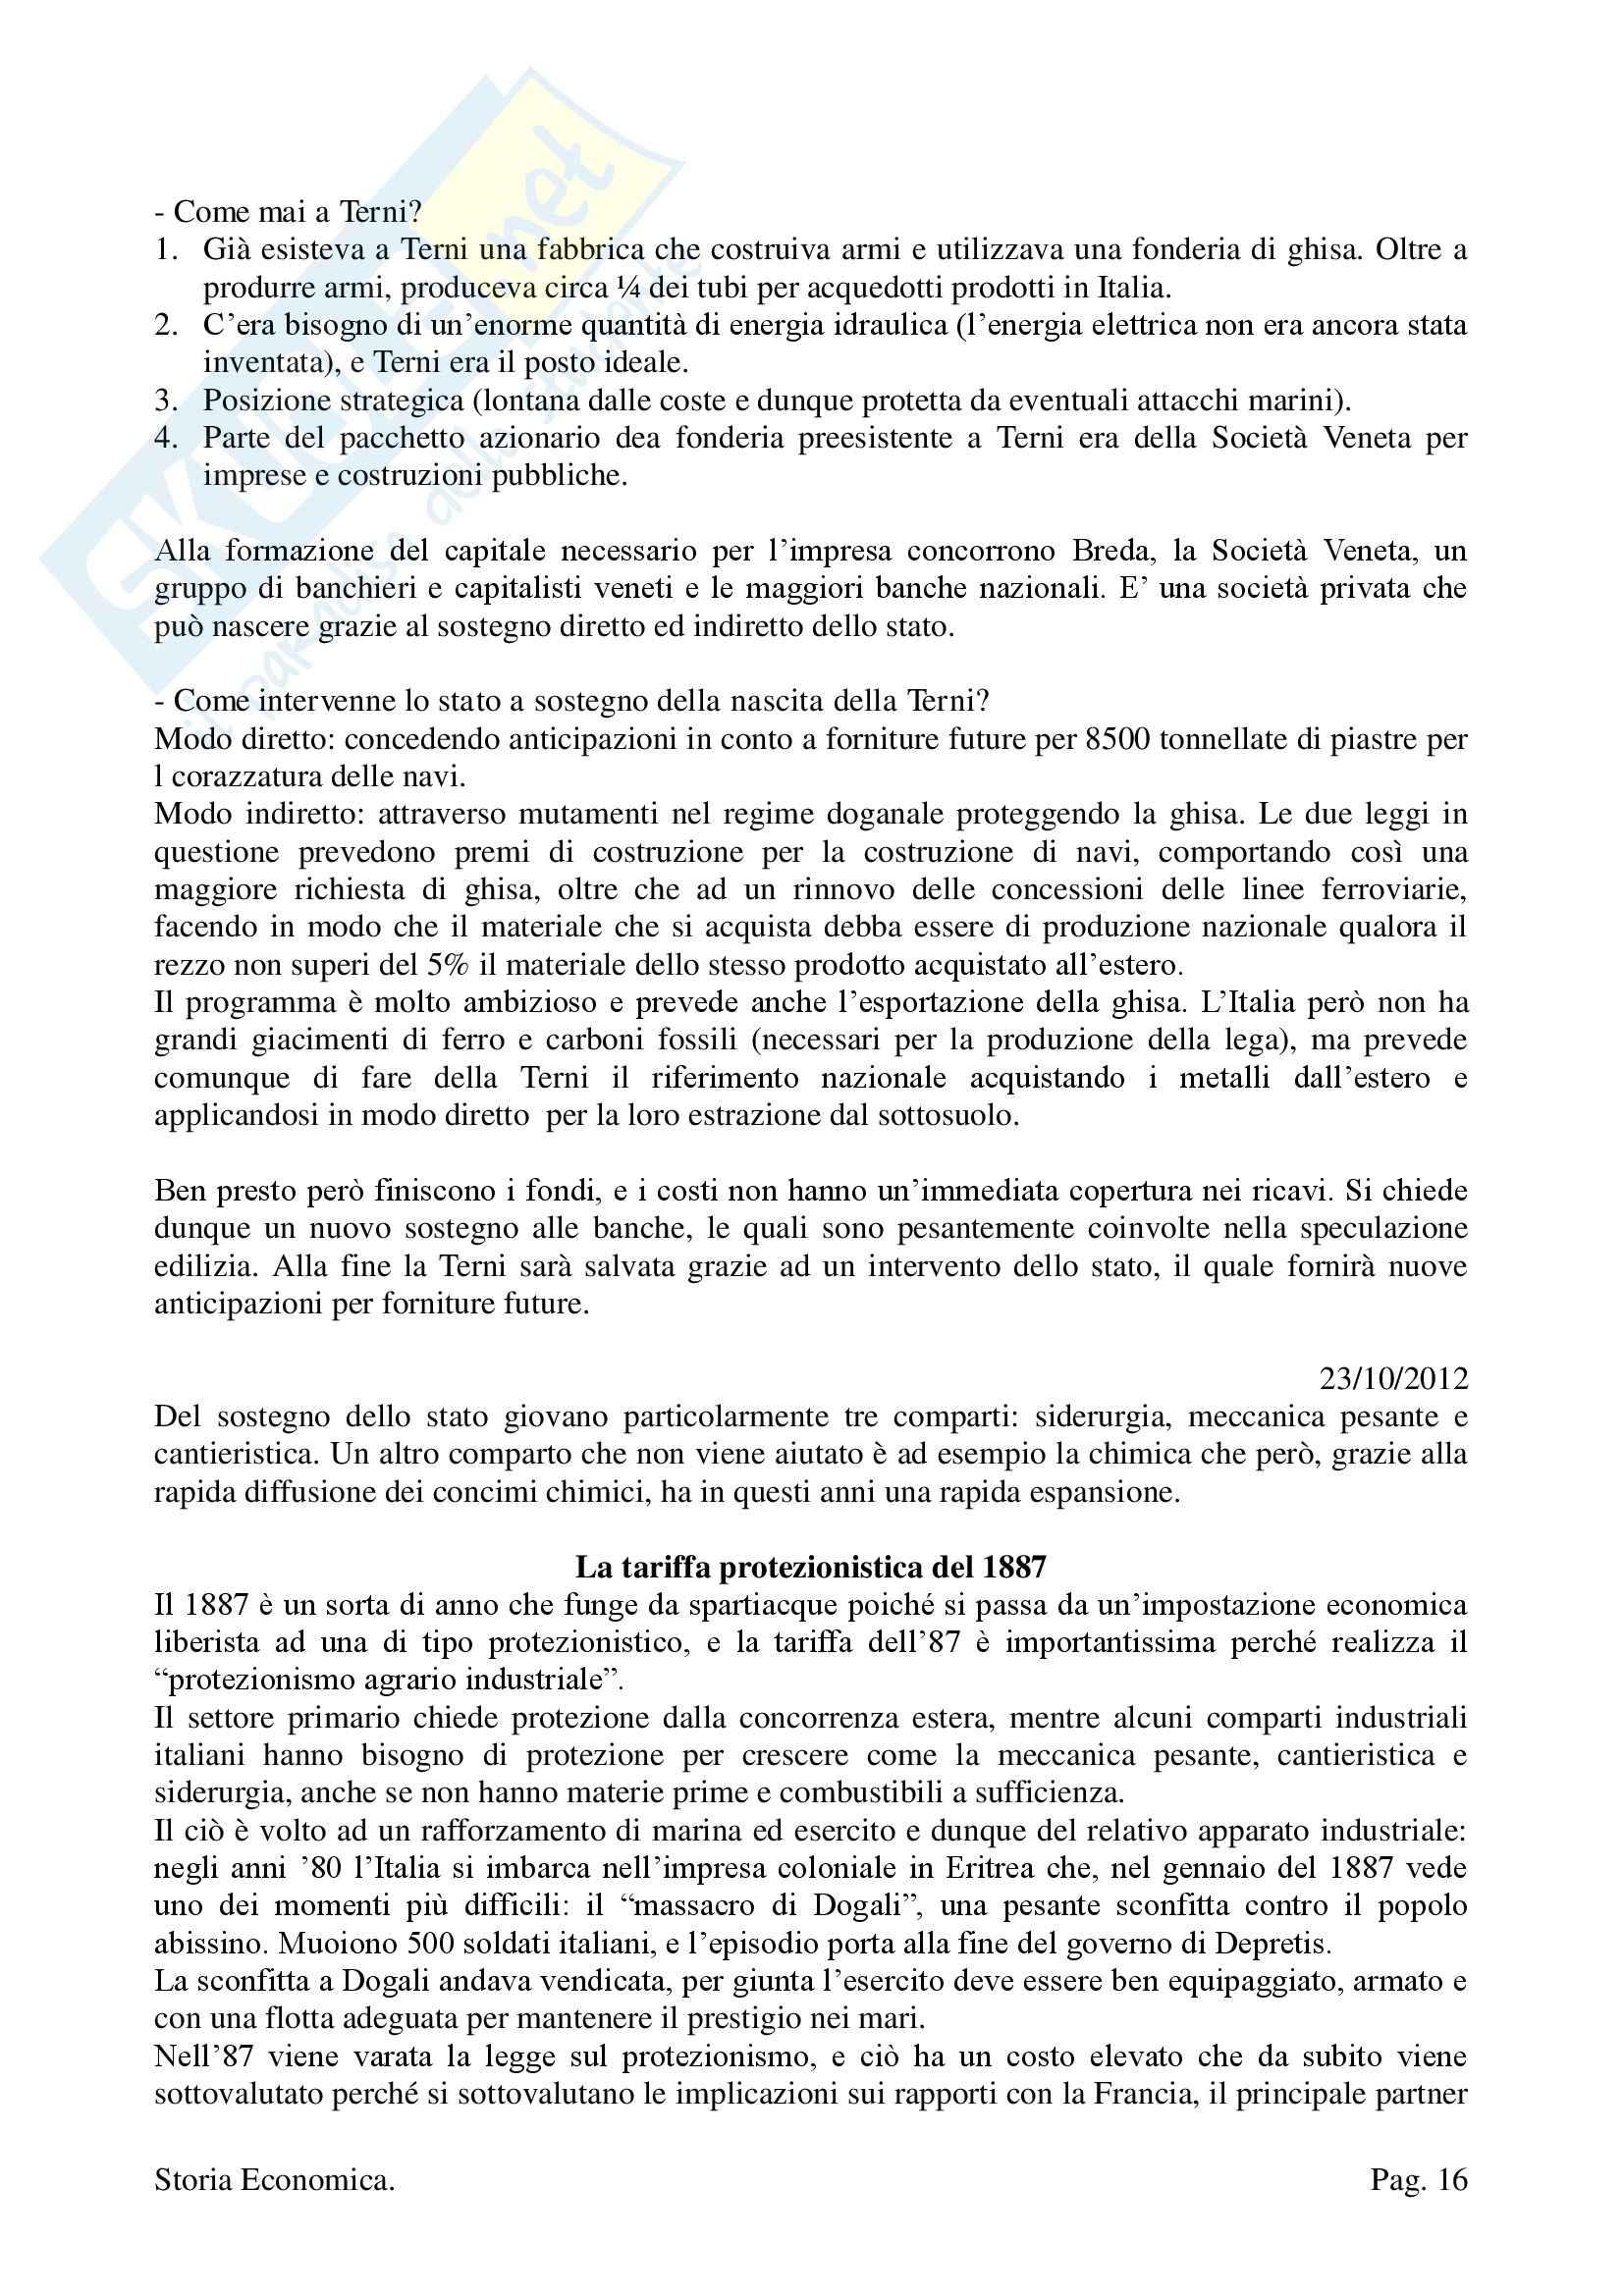 Storia Economica - Appunti Pag. 16